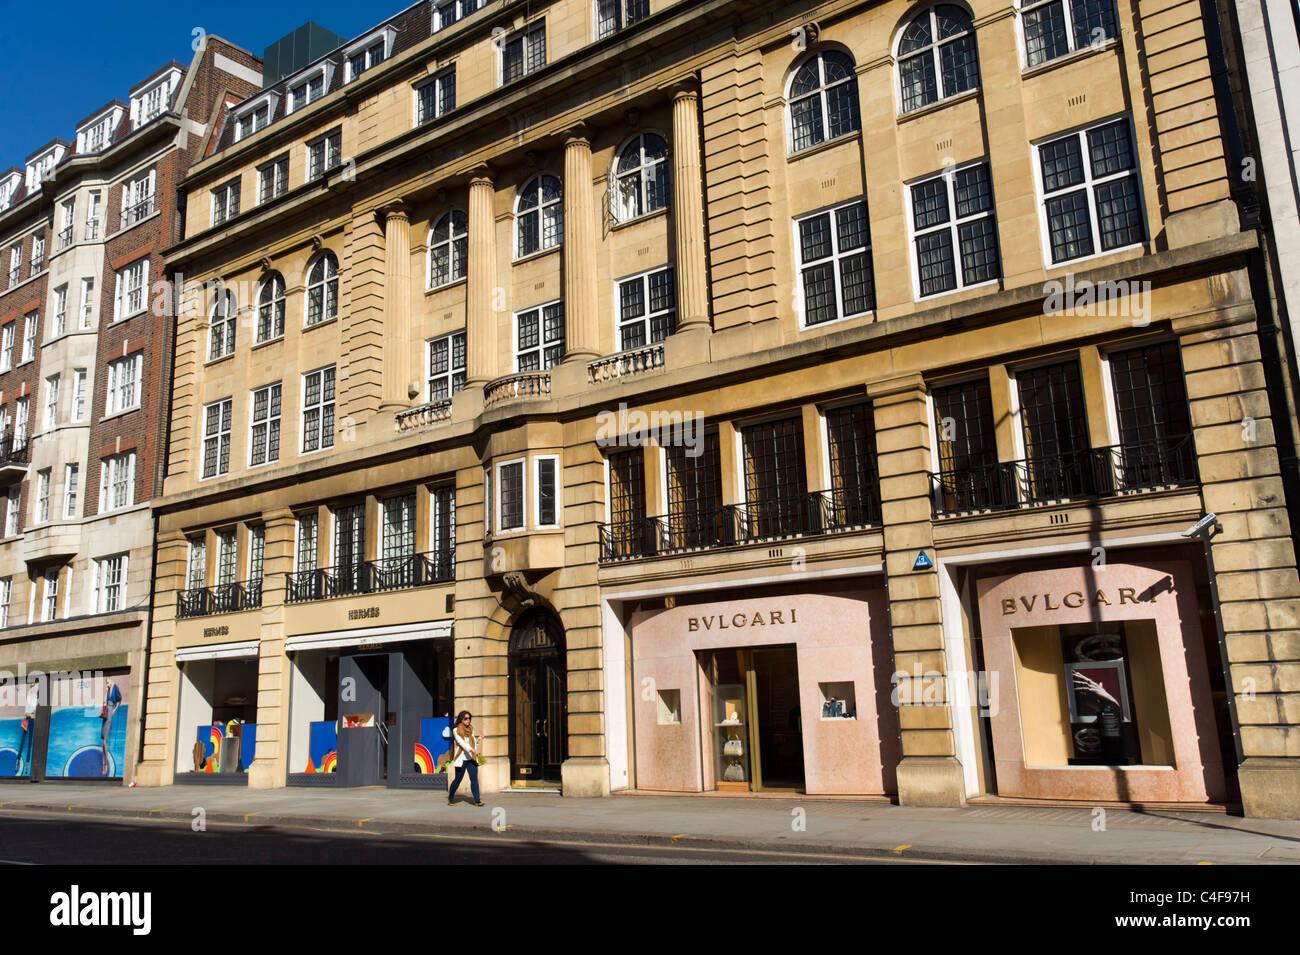 Sloane Street, London, UK Stockbild